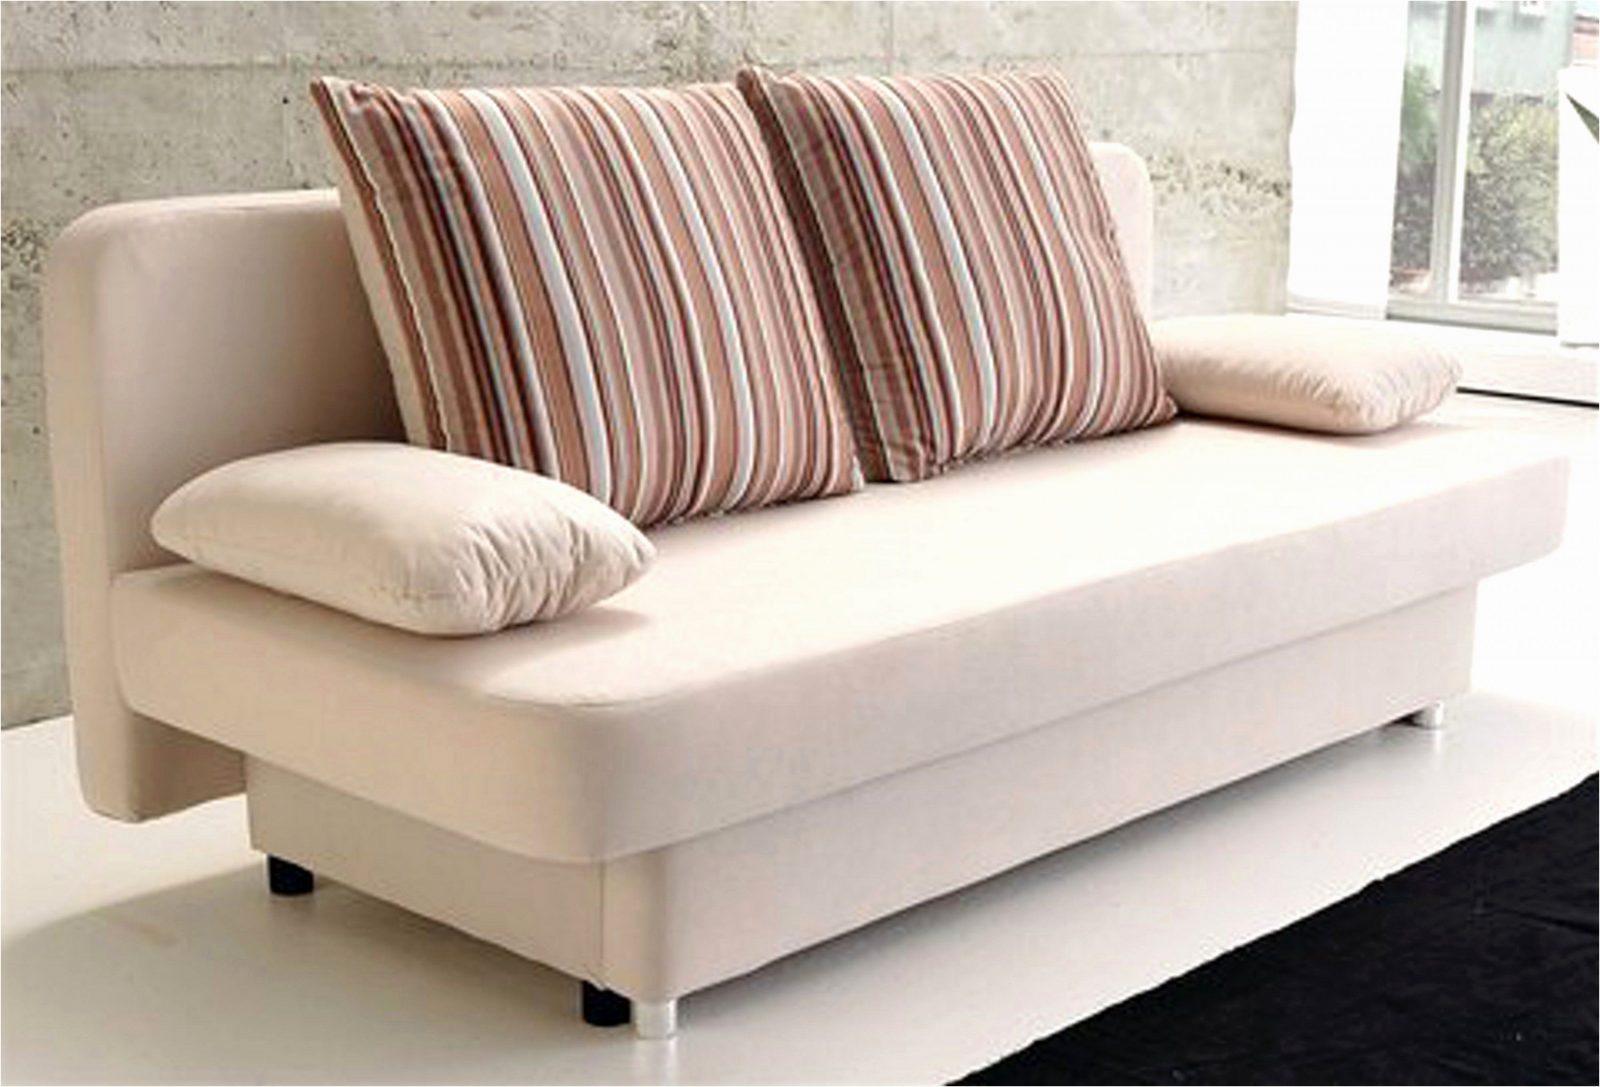 Exzellent Sofa Auf Raten Trotz Negativer Schufa Ideen Hd Wallpaper von Sofa Auf Raten Kaufen Trotz Schufa Bild